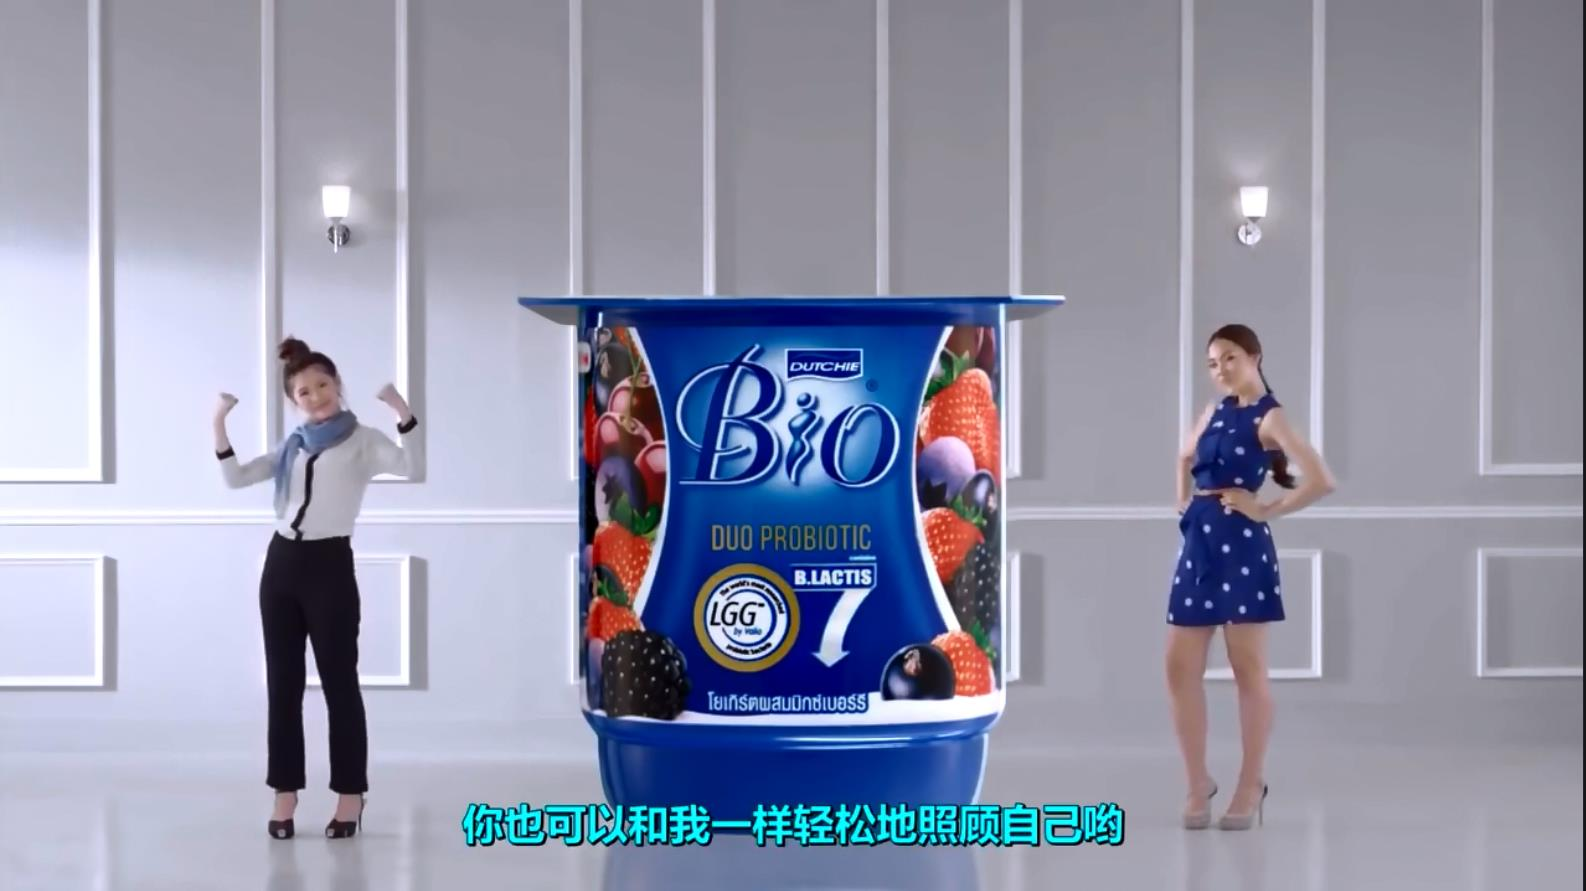 泰国DUTCHIE BIO酸奶搞笑广告 - 轻轻松松照顾自己